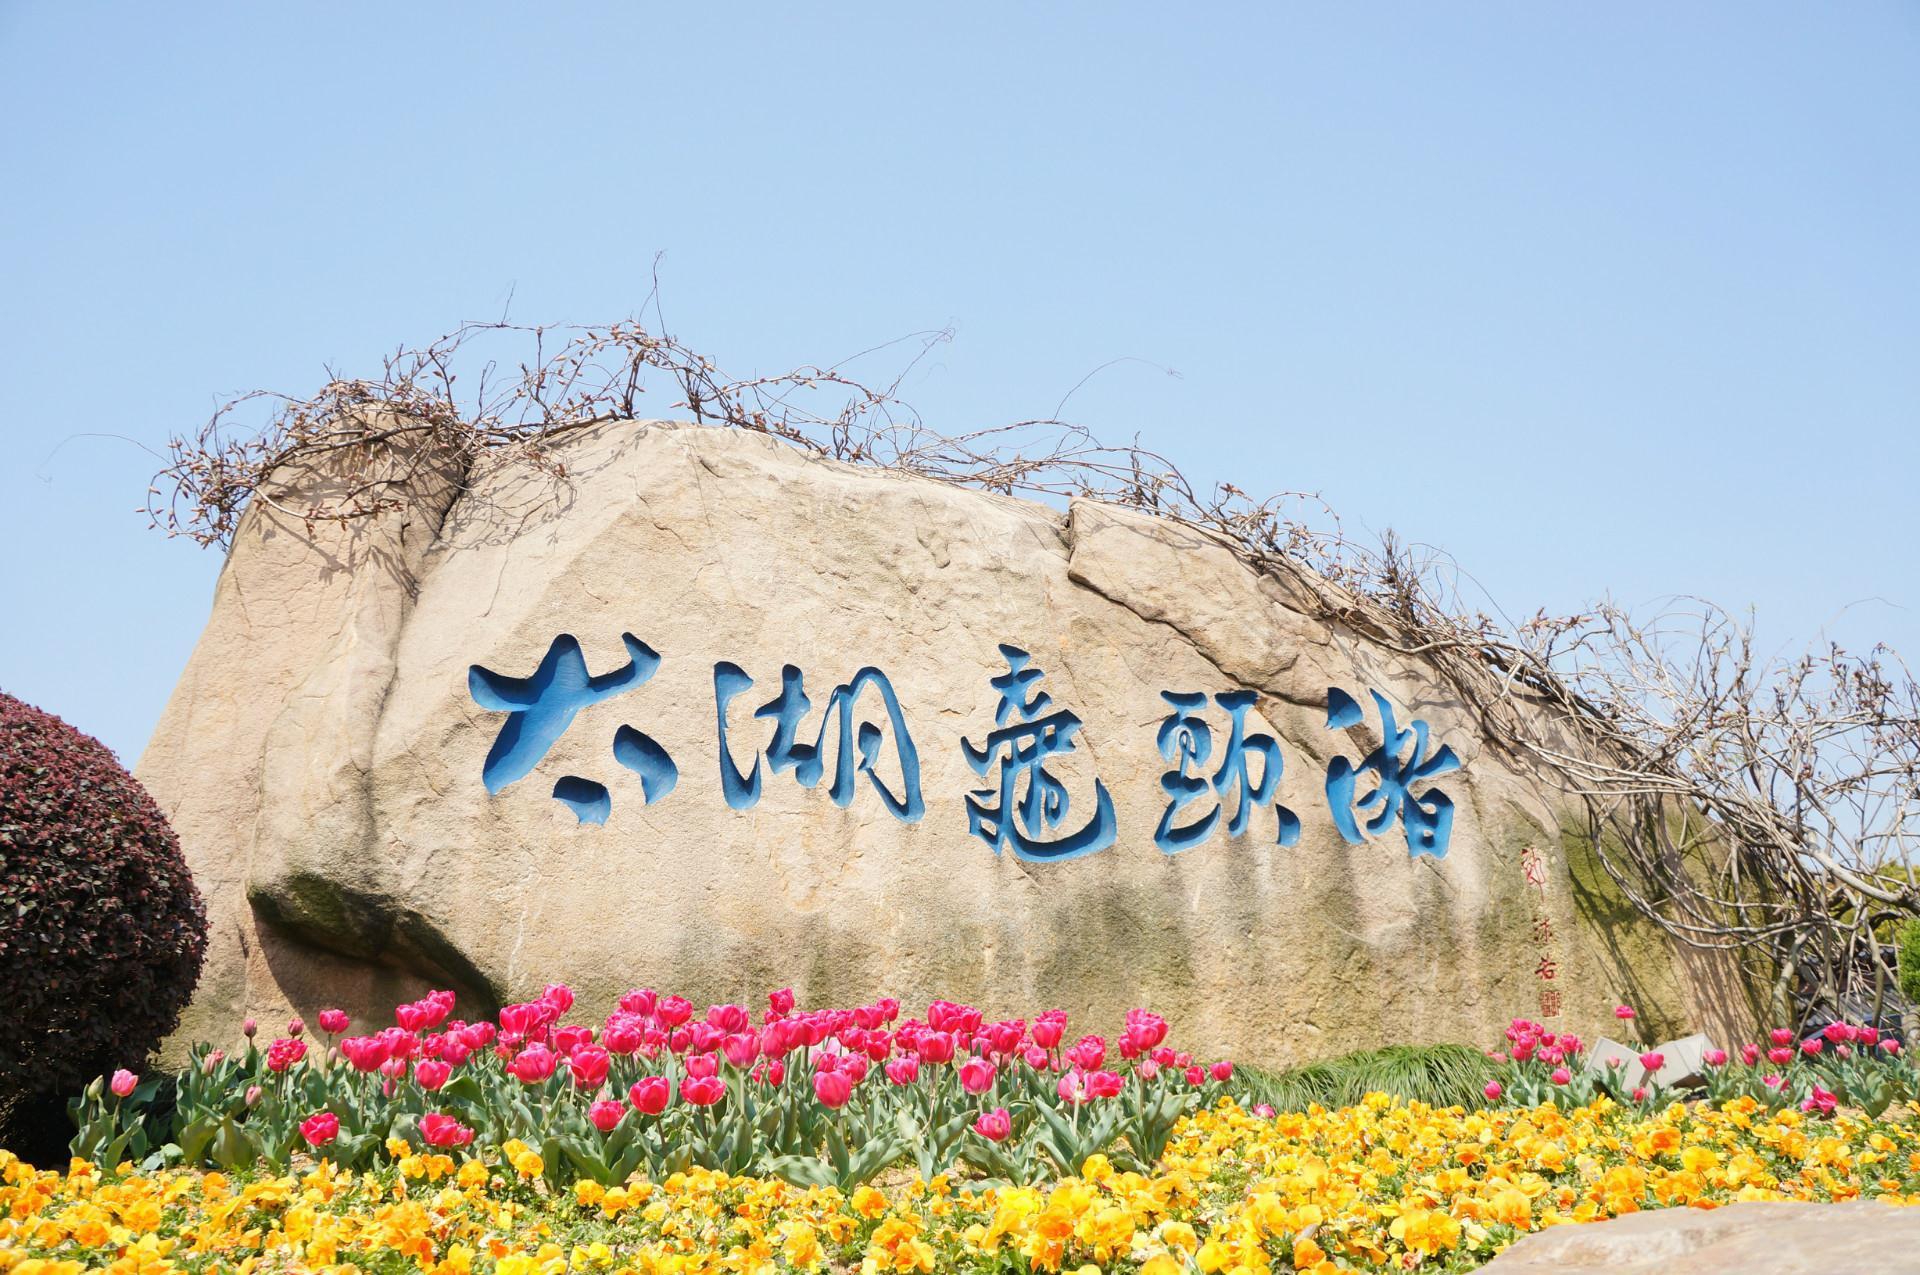 無錫黿頭渚+三國城+水滸城+蠡園一日遊(贈雙遊船)